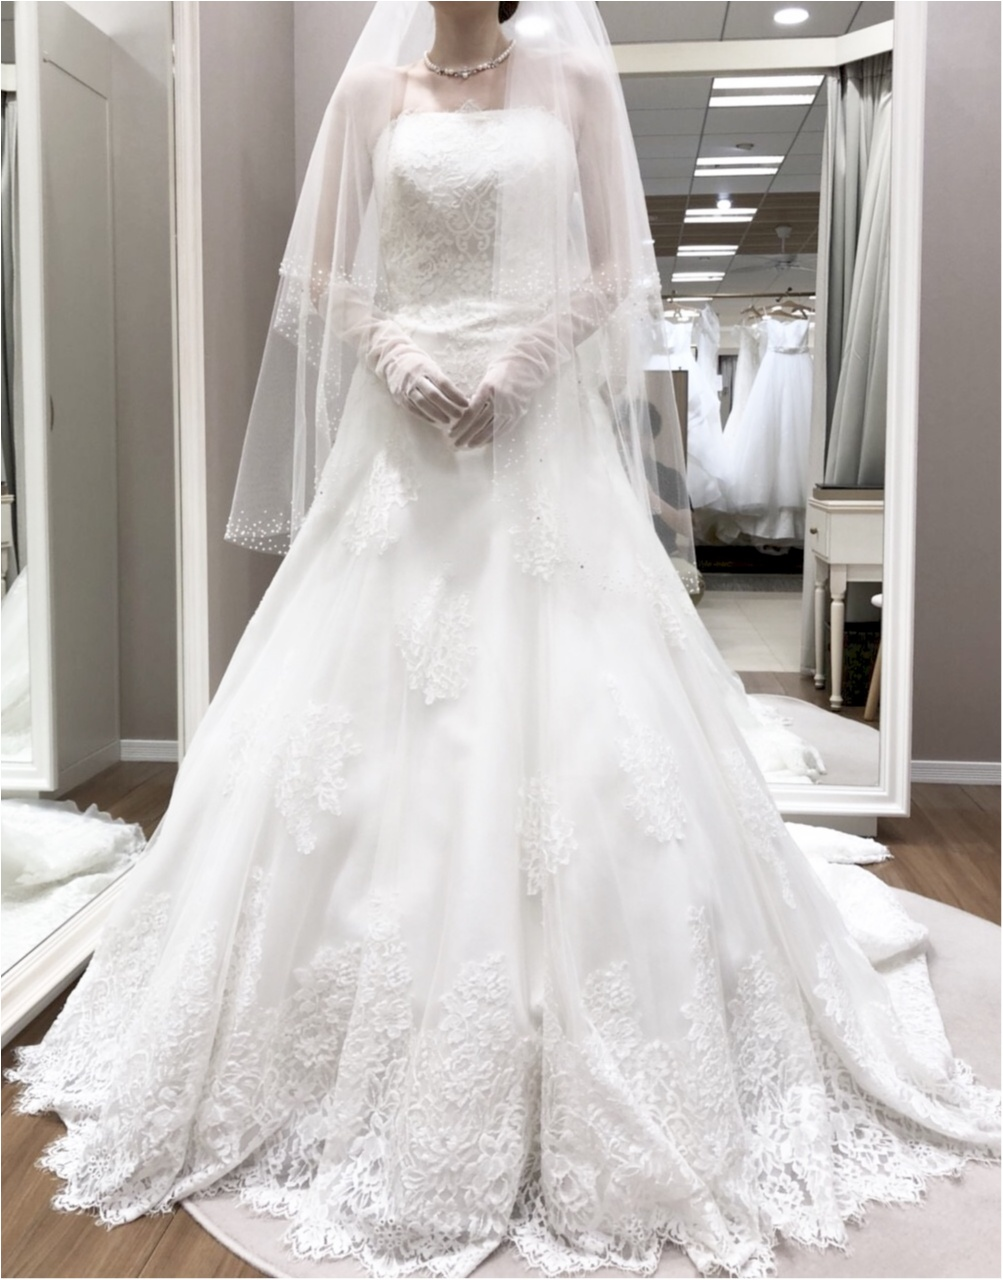 卒花さんに聞く【ドレス特集】-  結婚式・二次会におすすめ! プレ花嫁さんに人気のおしゃれなウェディングドレスは?_40